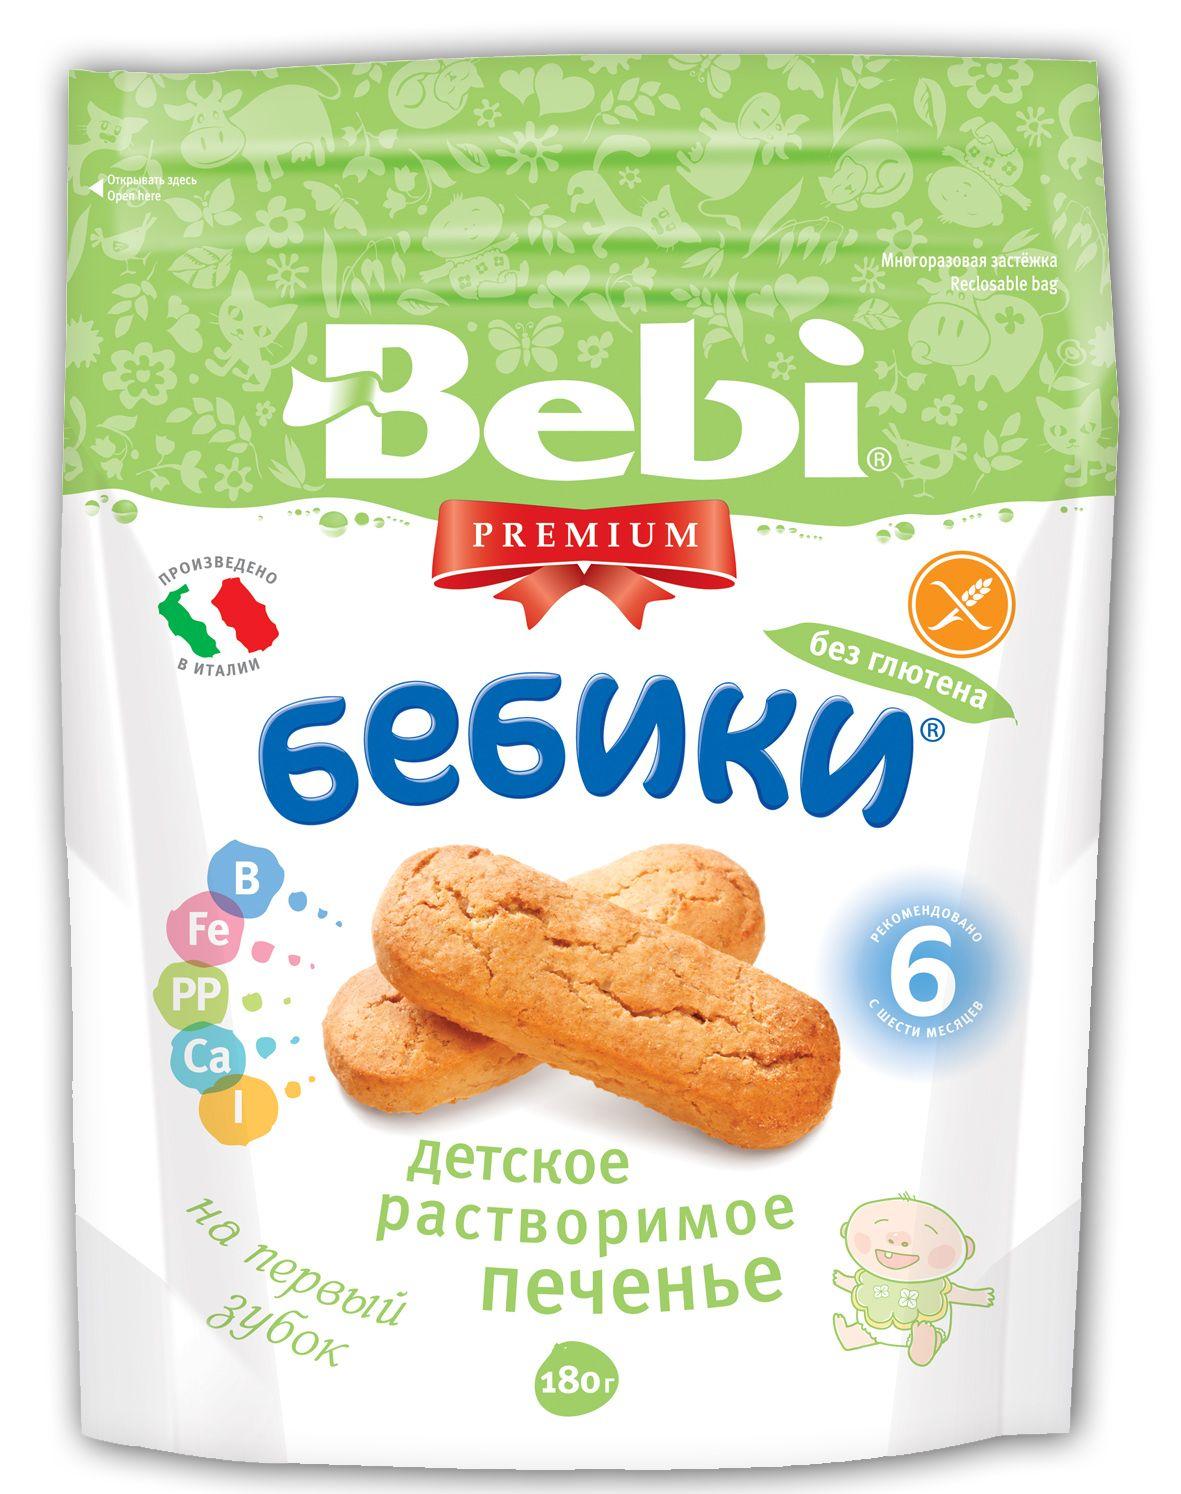 BEBIKI tirpstantys sausainiai be glitimo kūdikiams nuo 6 mėn, grynasis kiekis 180 g.